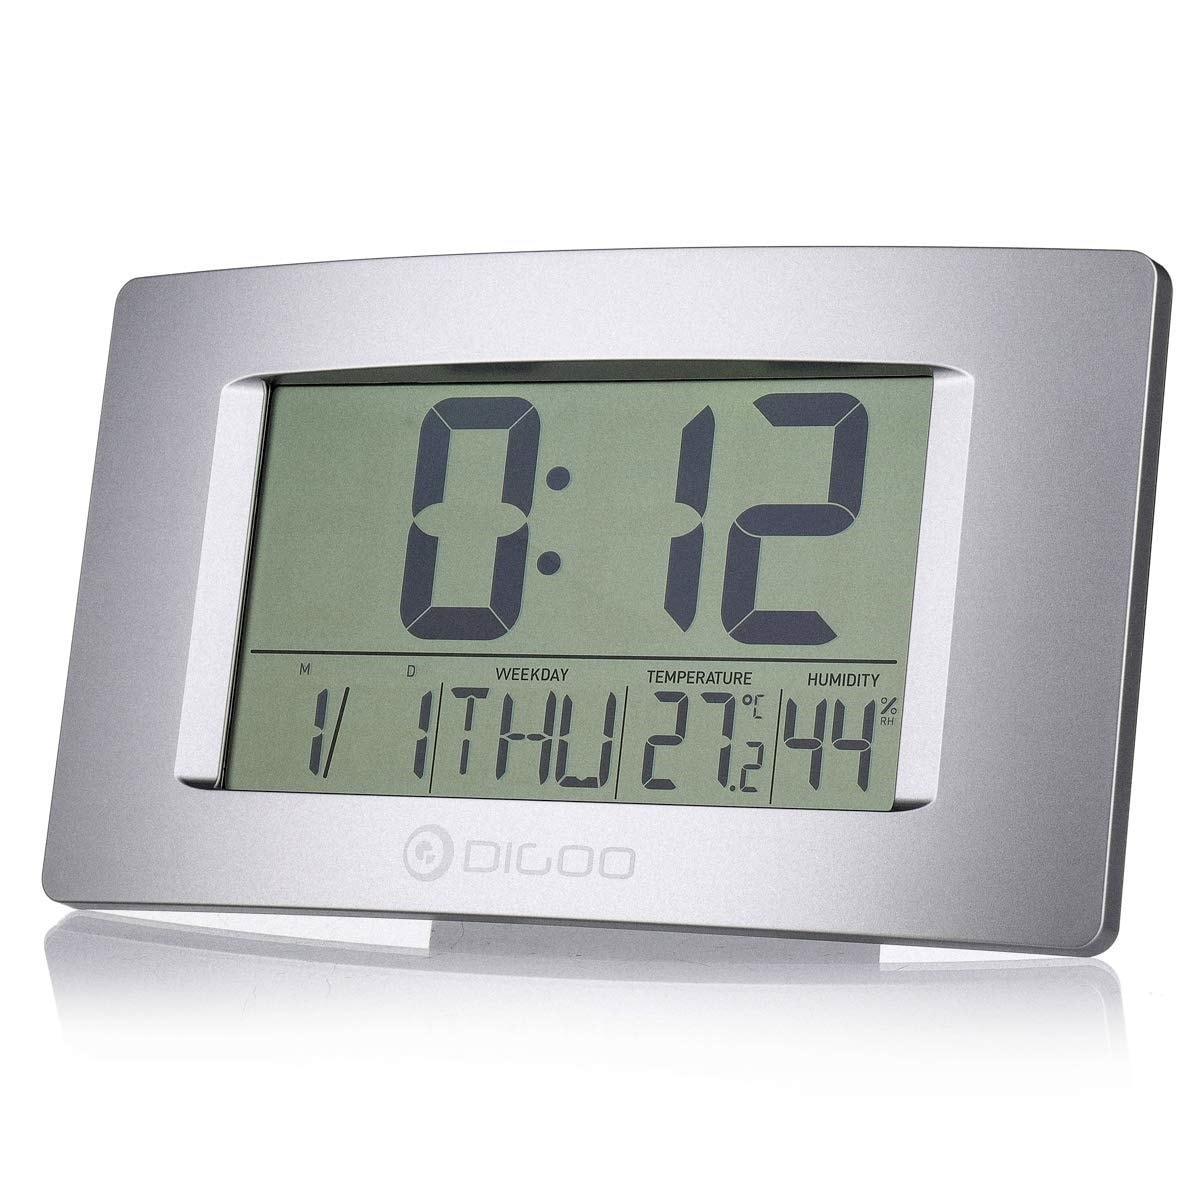 壁掛け時計 DIGOO 電池式 置き時計 目覚まし時計 日付 温度計湿度計 英語曜日 時間 大画面 アラーム ウォールクロック スヌーズ機能 大型 デジタル 飾り 多機能 おしゃれ 31x8.5cm